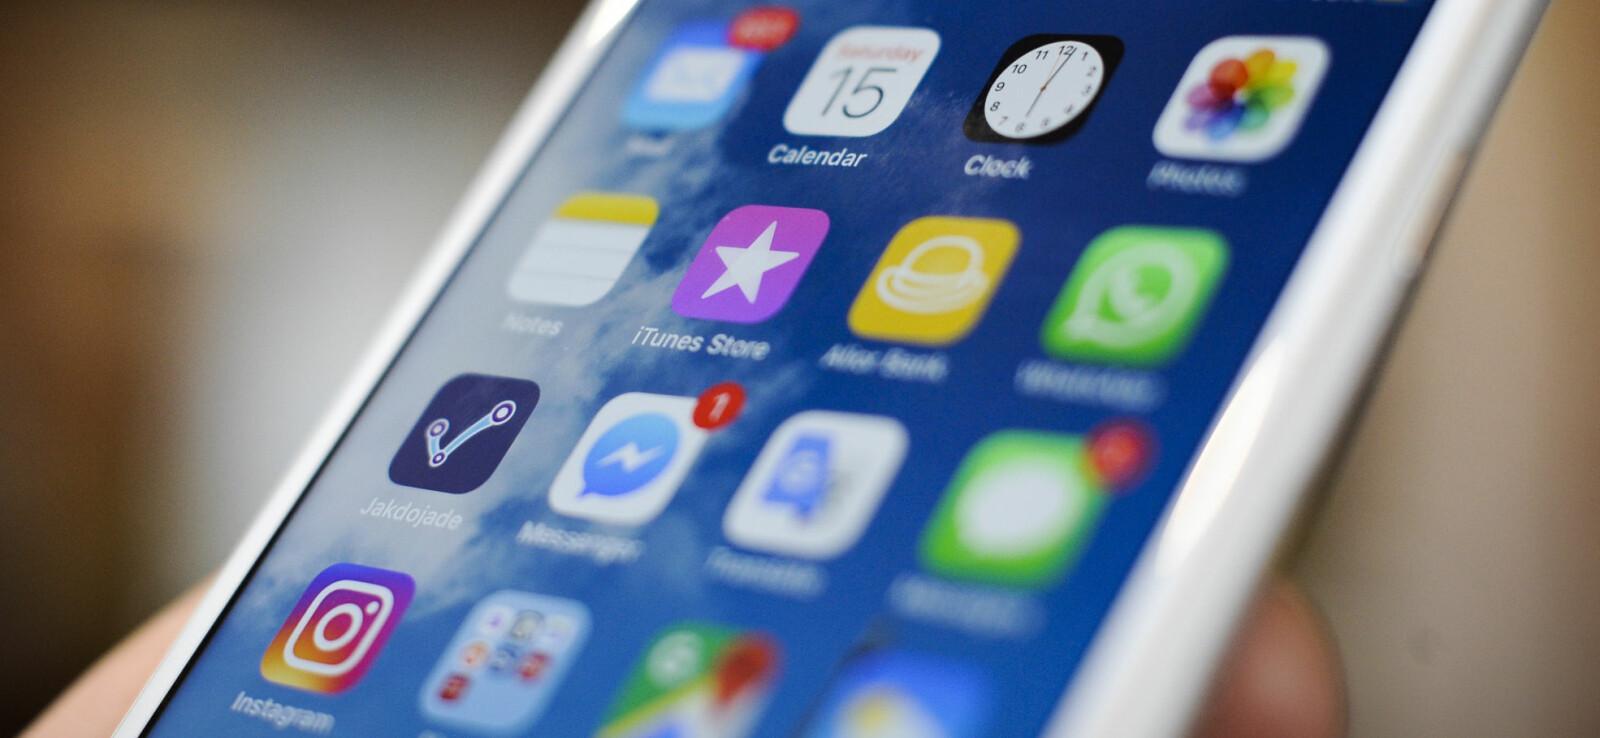 <b>IOS 12:</b> Den 17. september 2018 slippes iOS 12, Apples nye operativsystem til iPhone, iPad og iPod Touch. Bildet er en illustrasjon